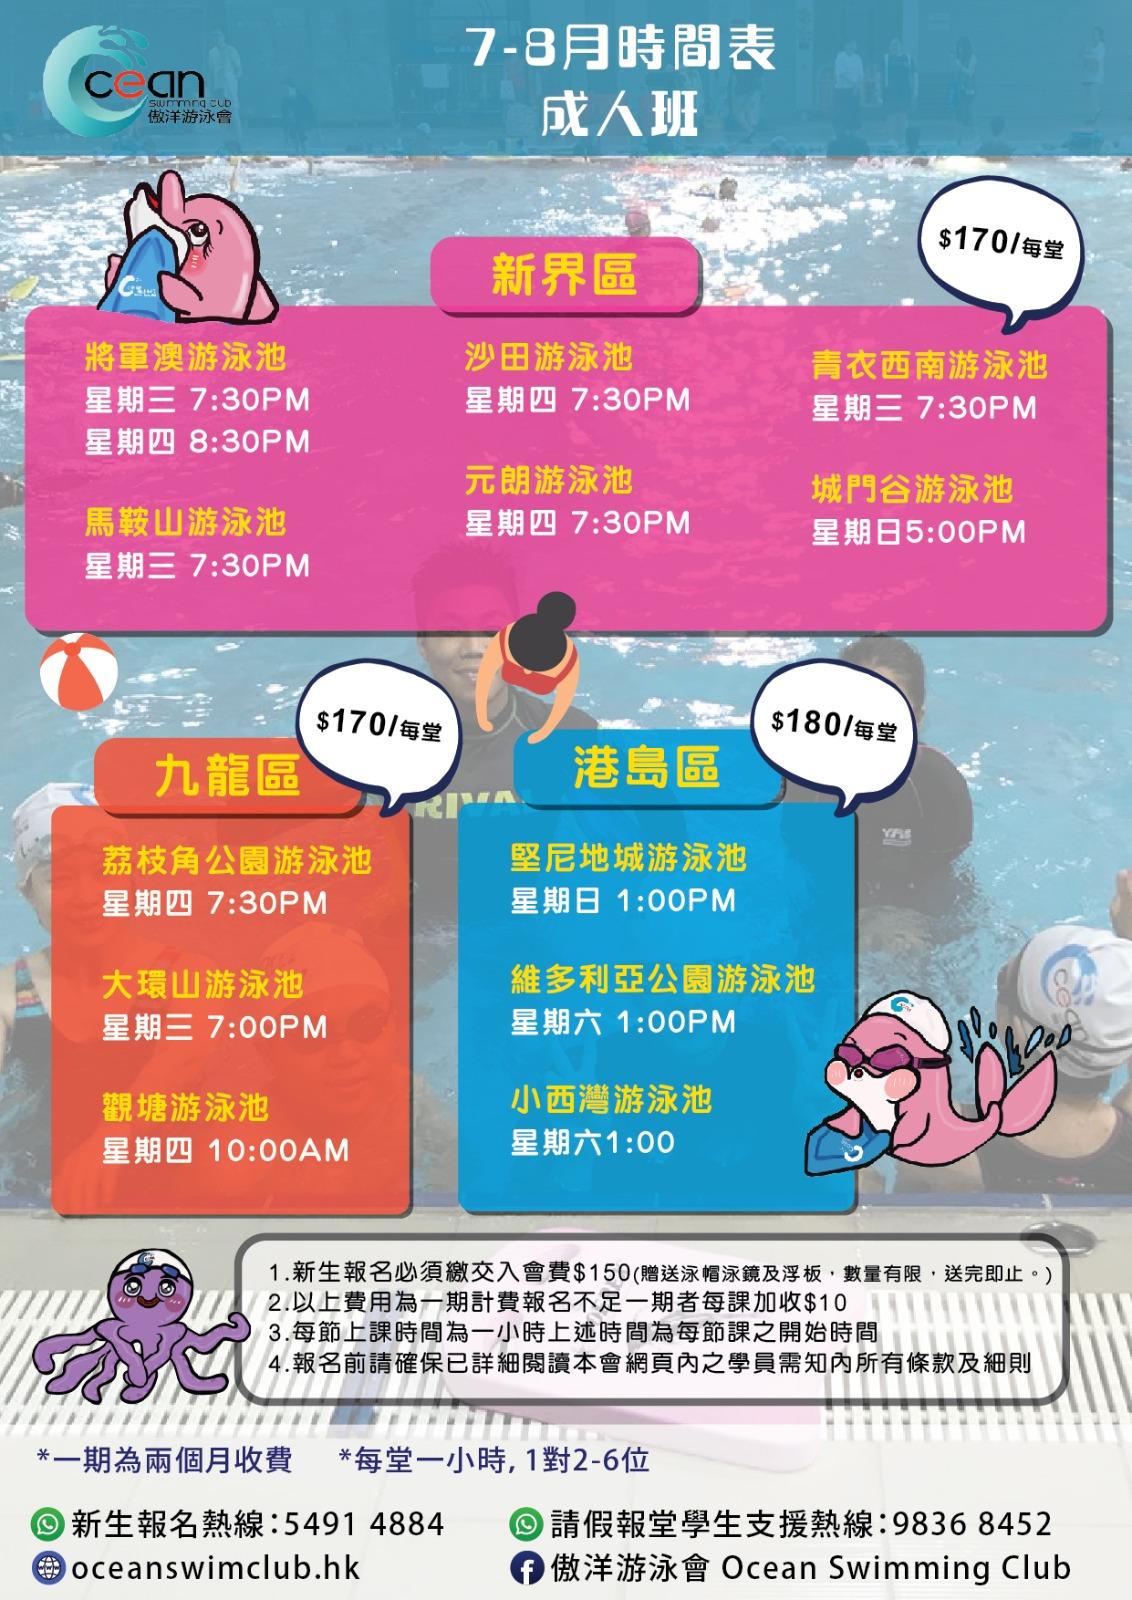 2020傲洋游泳會 7-8月份女子成人游泳班 (1)